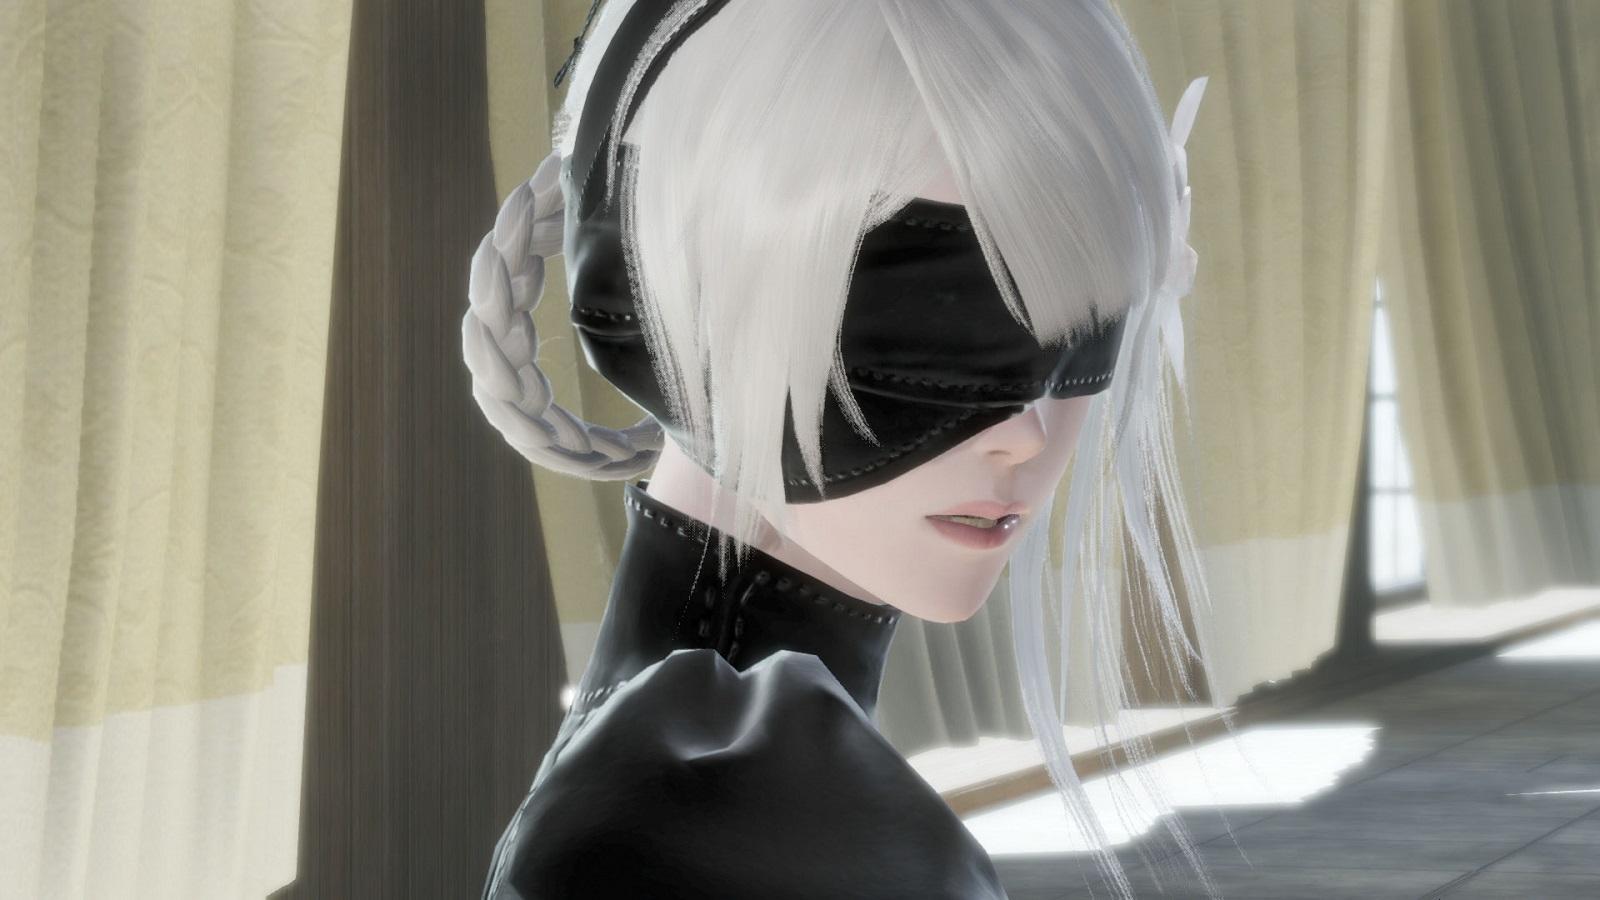 Эффект Automata: критики приняли NieR Replicant ver.1.22474487139… заметно теплее оригинальной игры